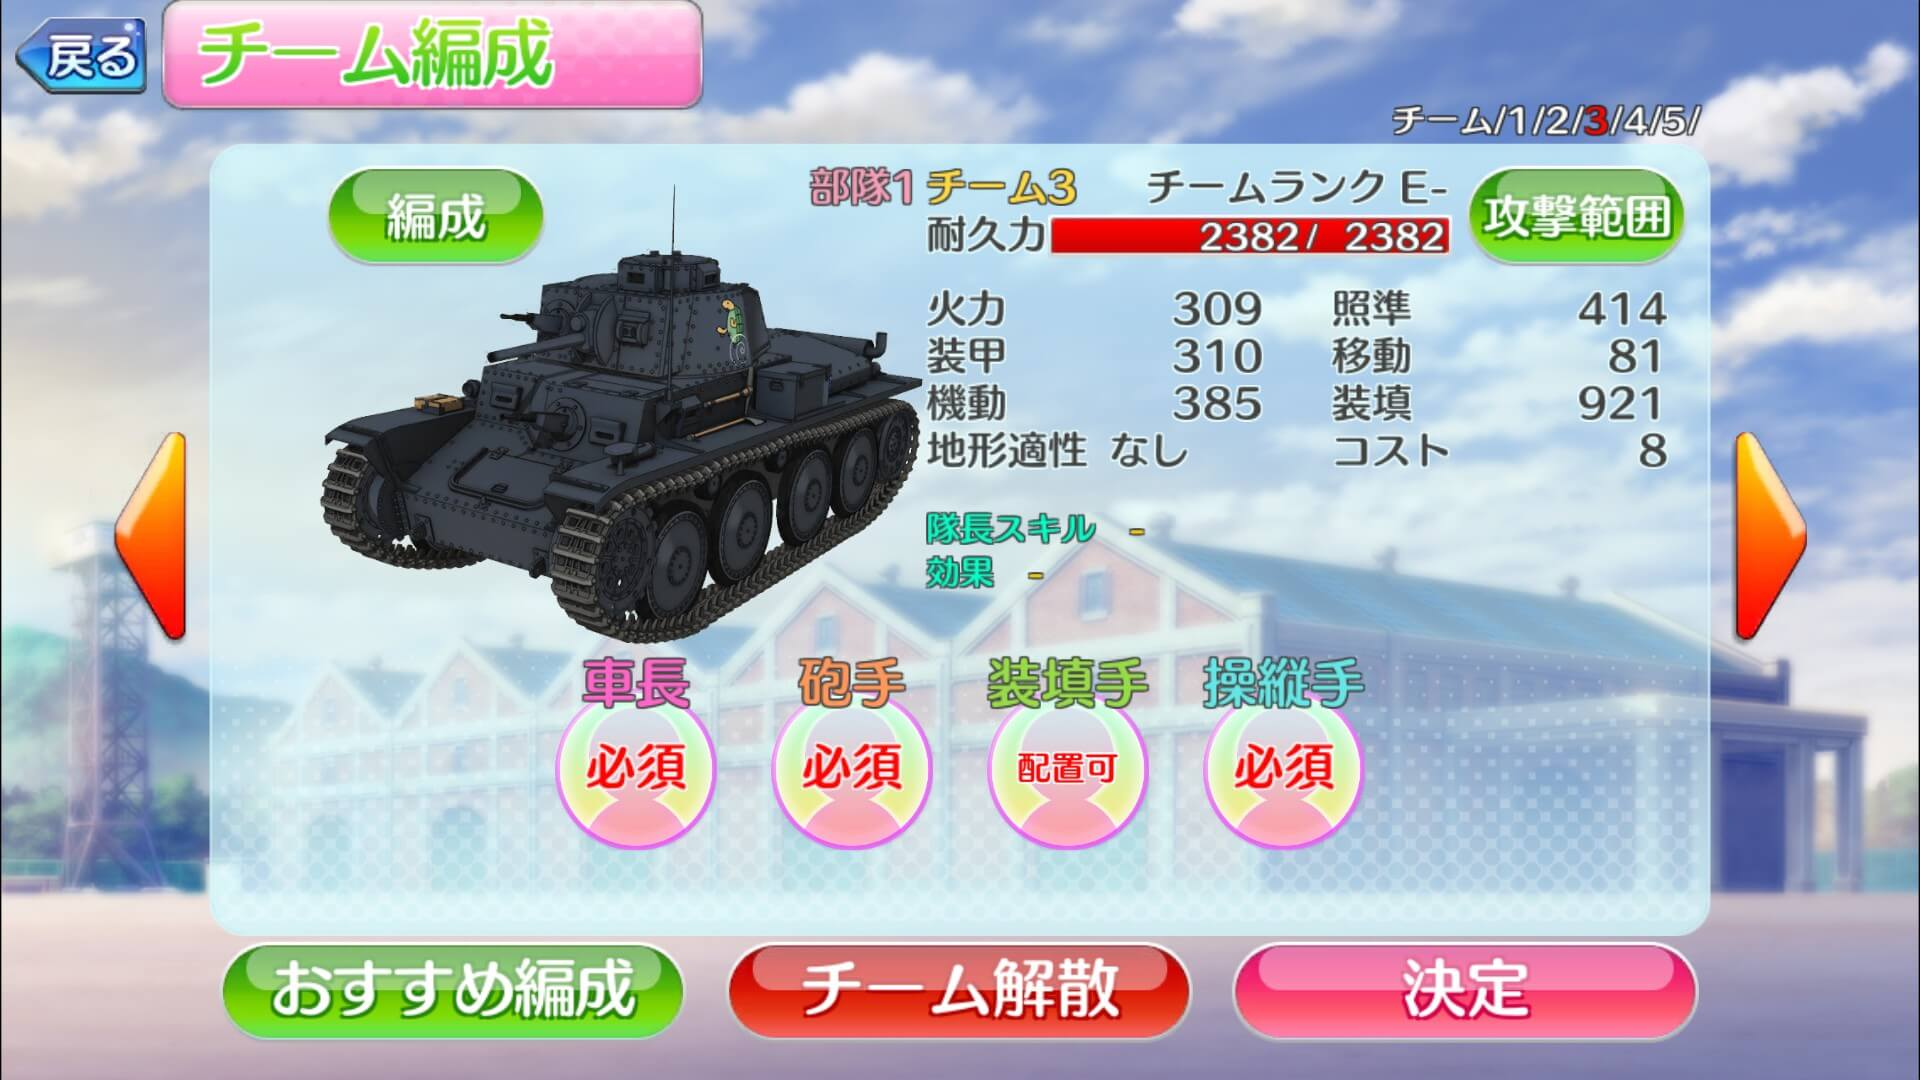 戦車内のポジション編成画面です。